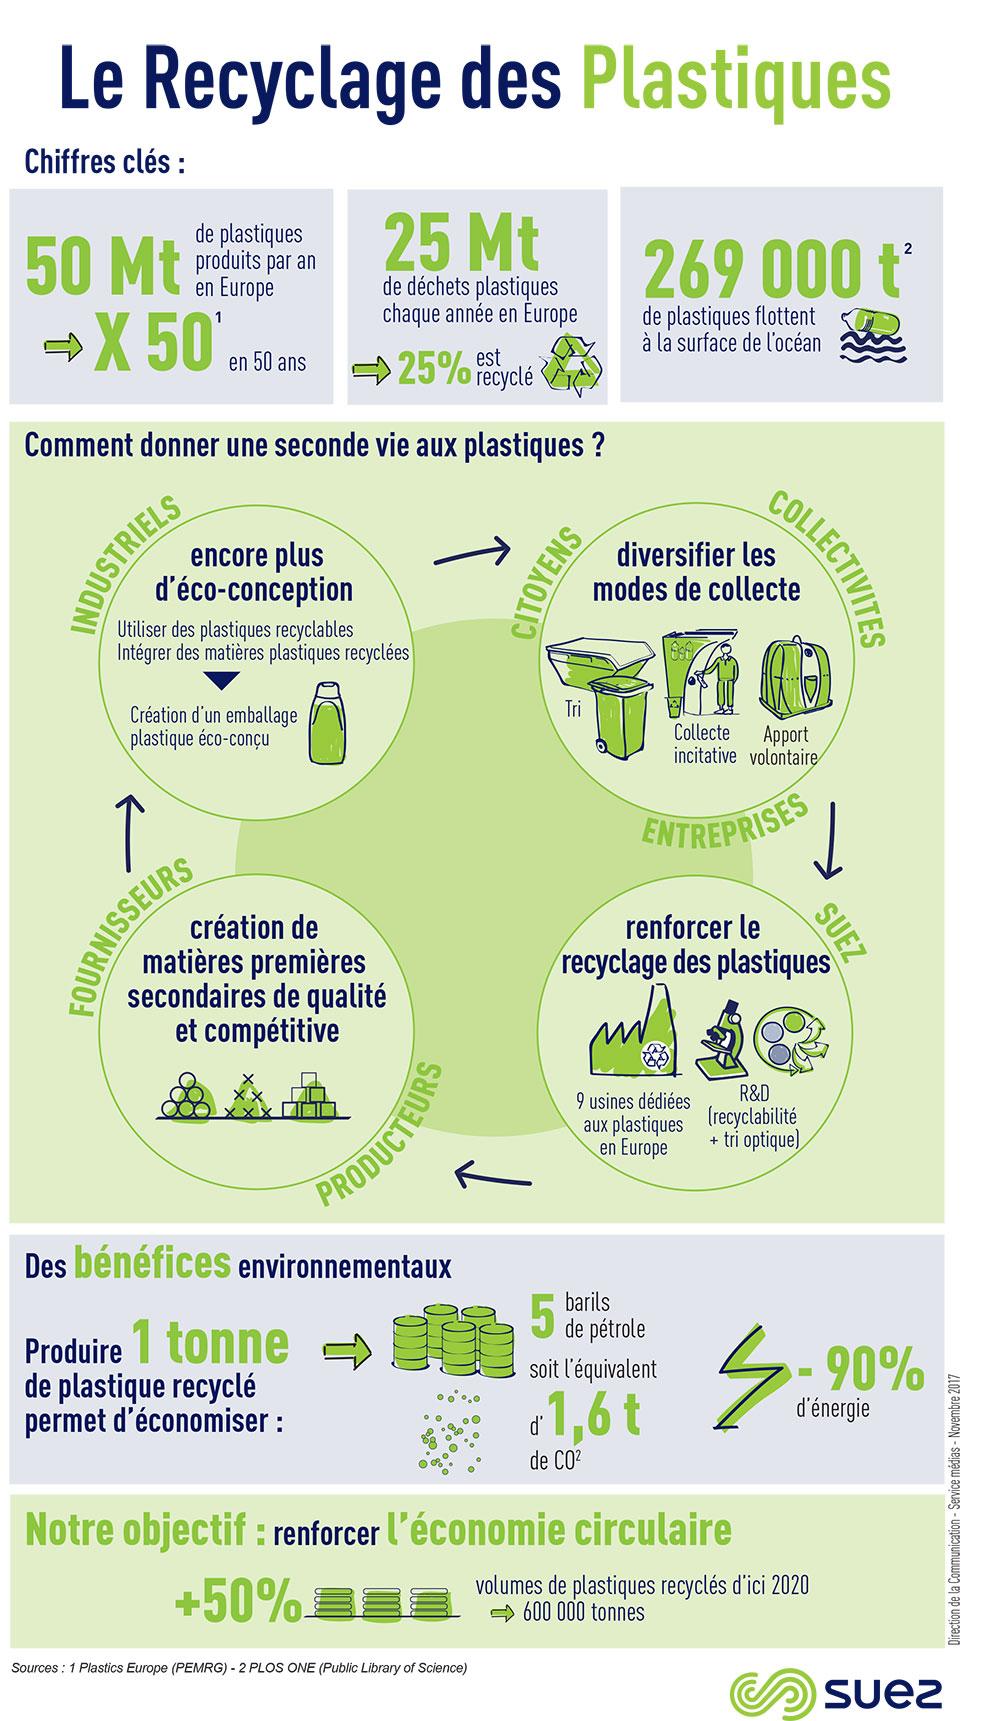 Infographie sur le recyclage des plastiques